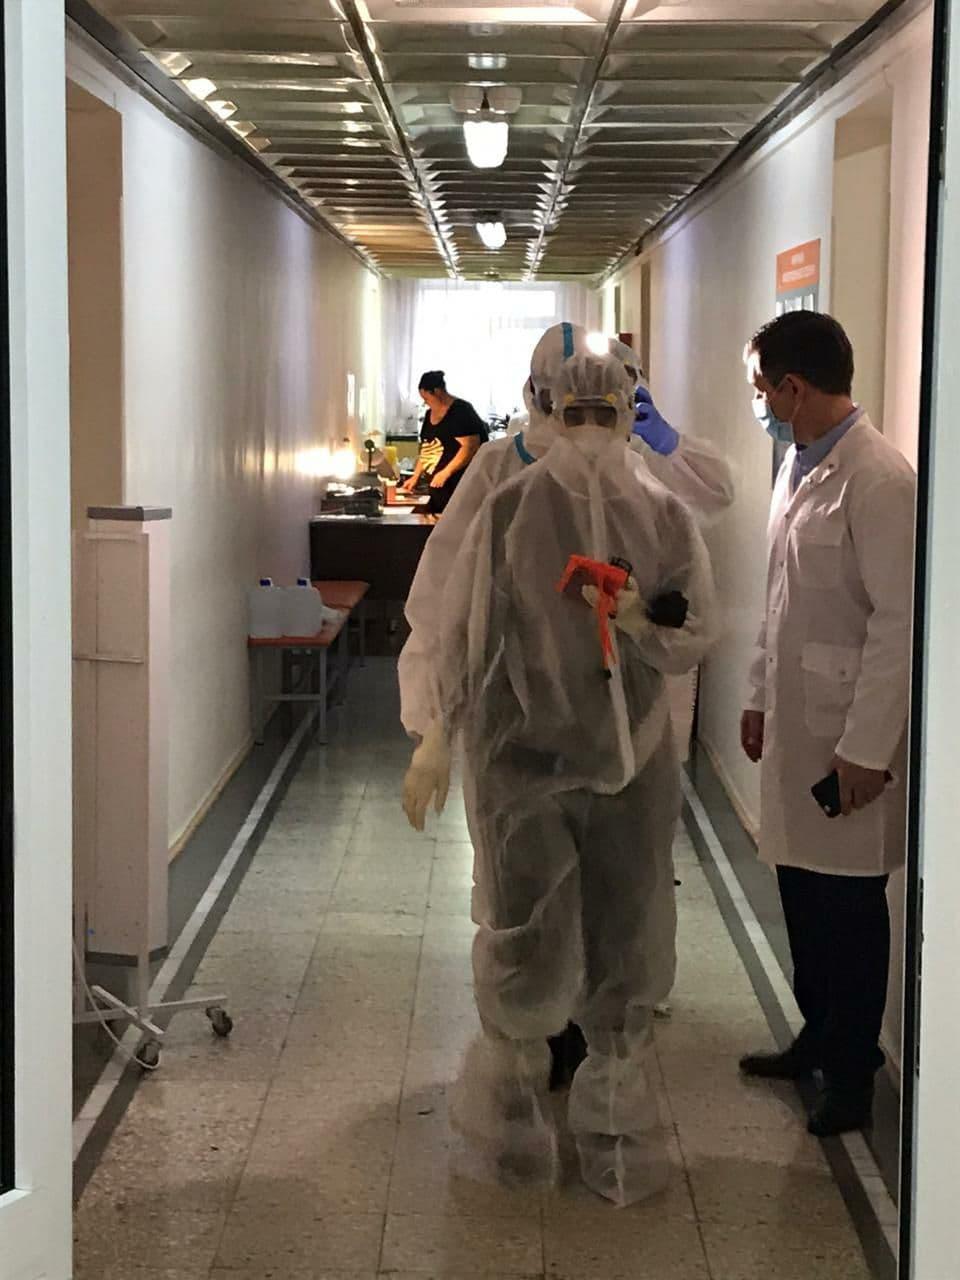 Из-за ковида в больницы отправилось всего 12 омичей #Омск #Общество #Сегодня